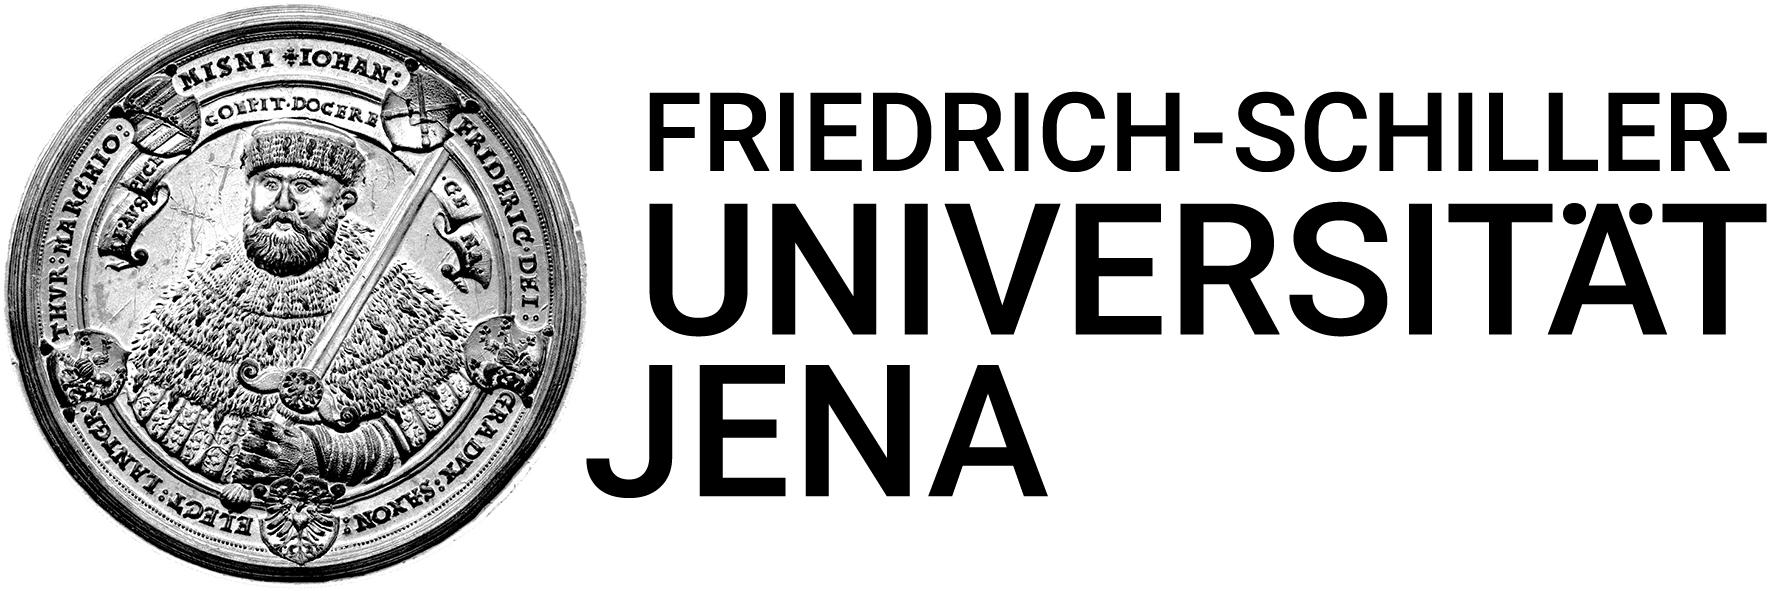 Referenzen ANKE HOFMANN Führung Organisation Personal Leipzig Dresden_Friedrich-Schiller-Universität Jena